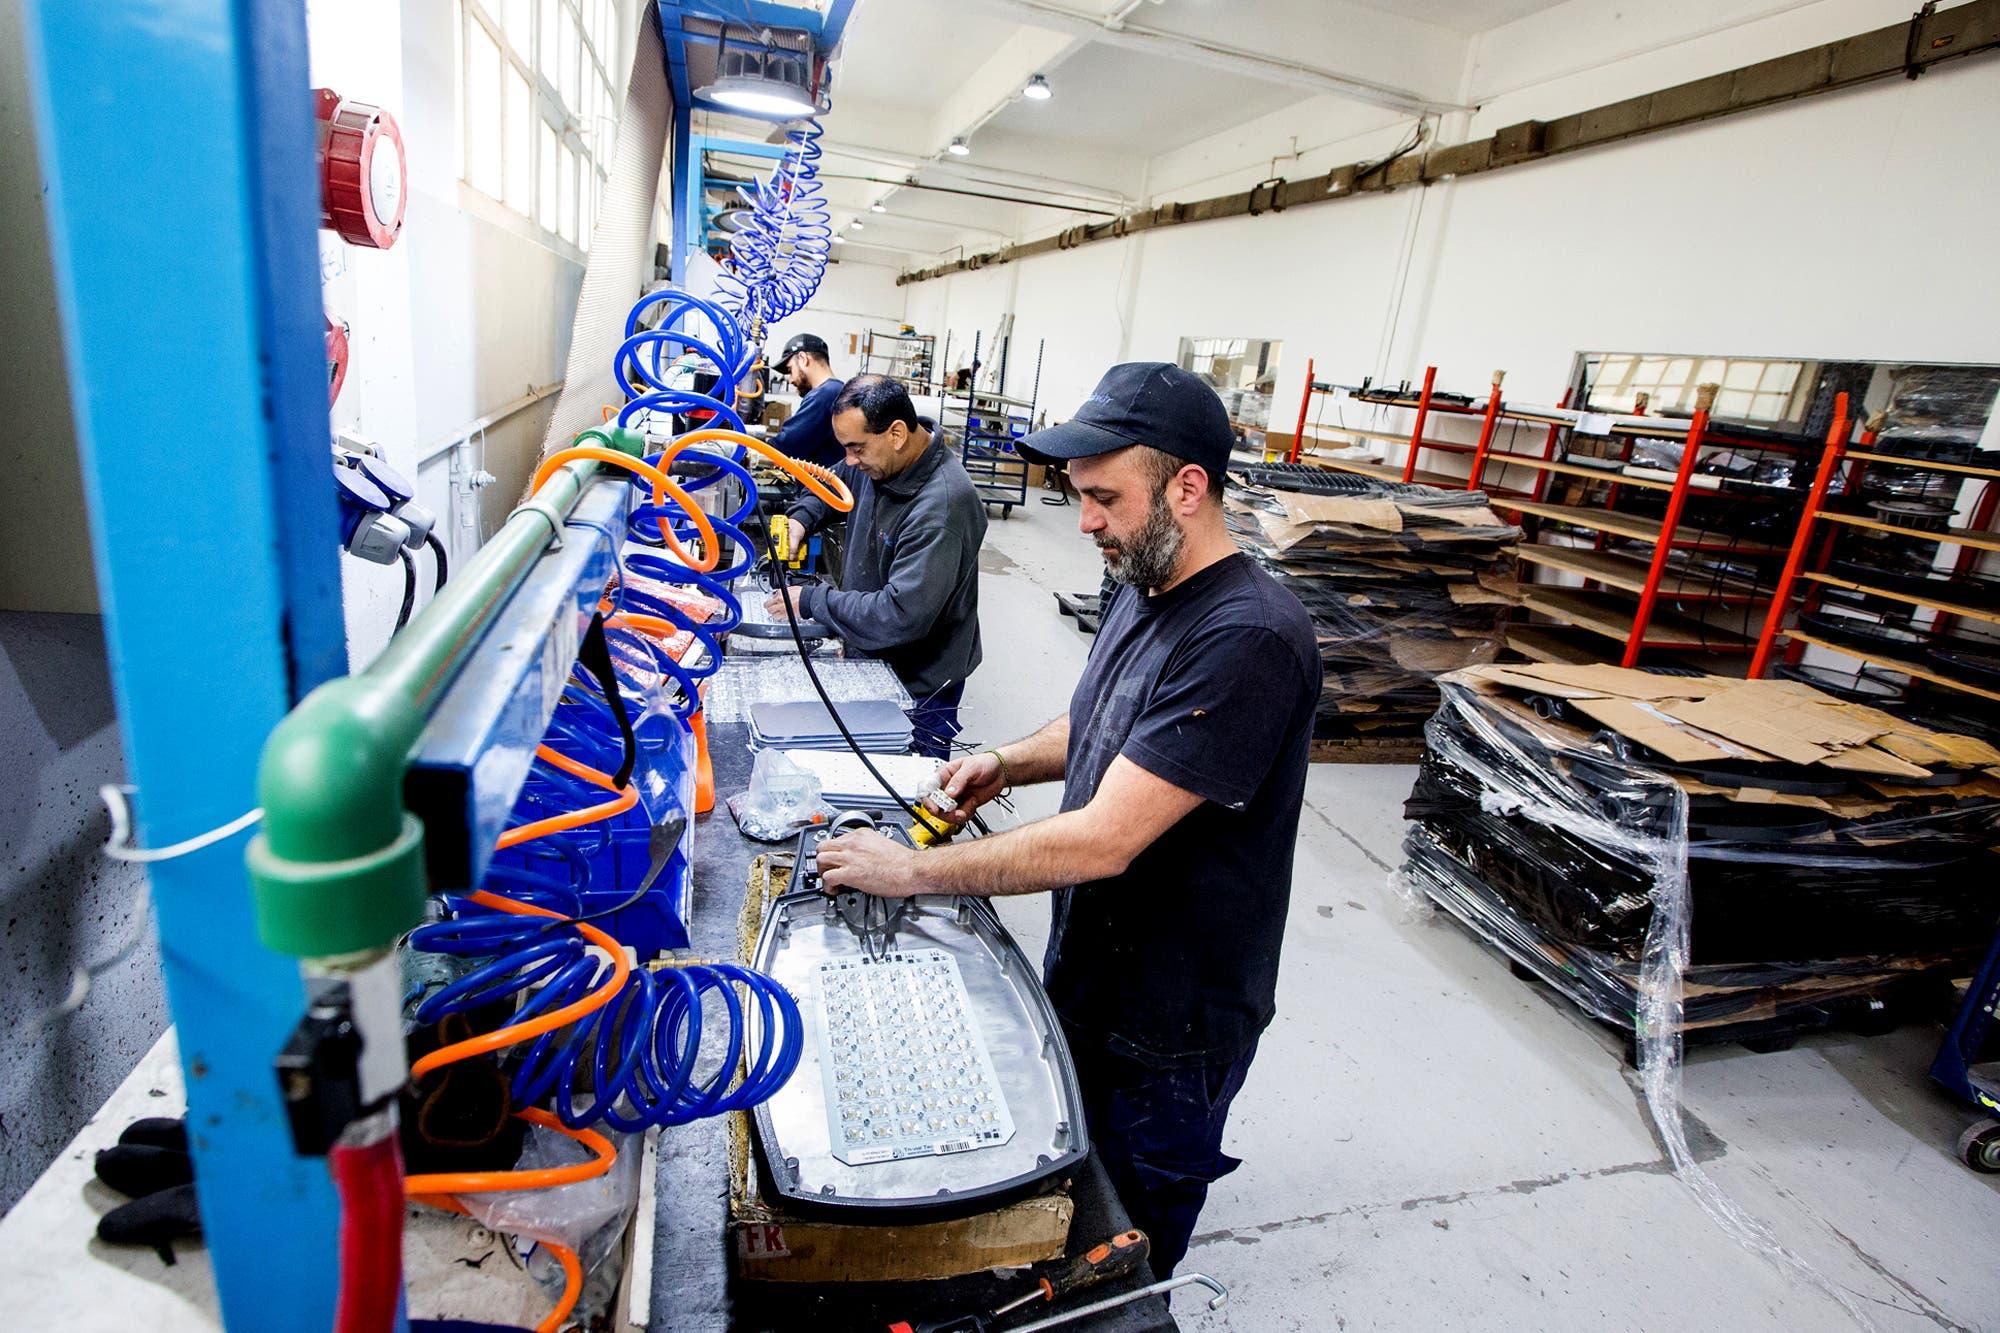 Coronavirus: Alberto Fernández lanza un programa para asistir a las empresas que no despidan trabajadores